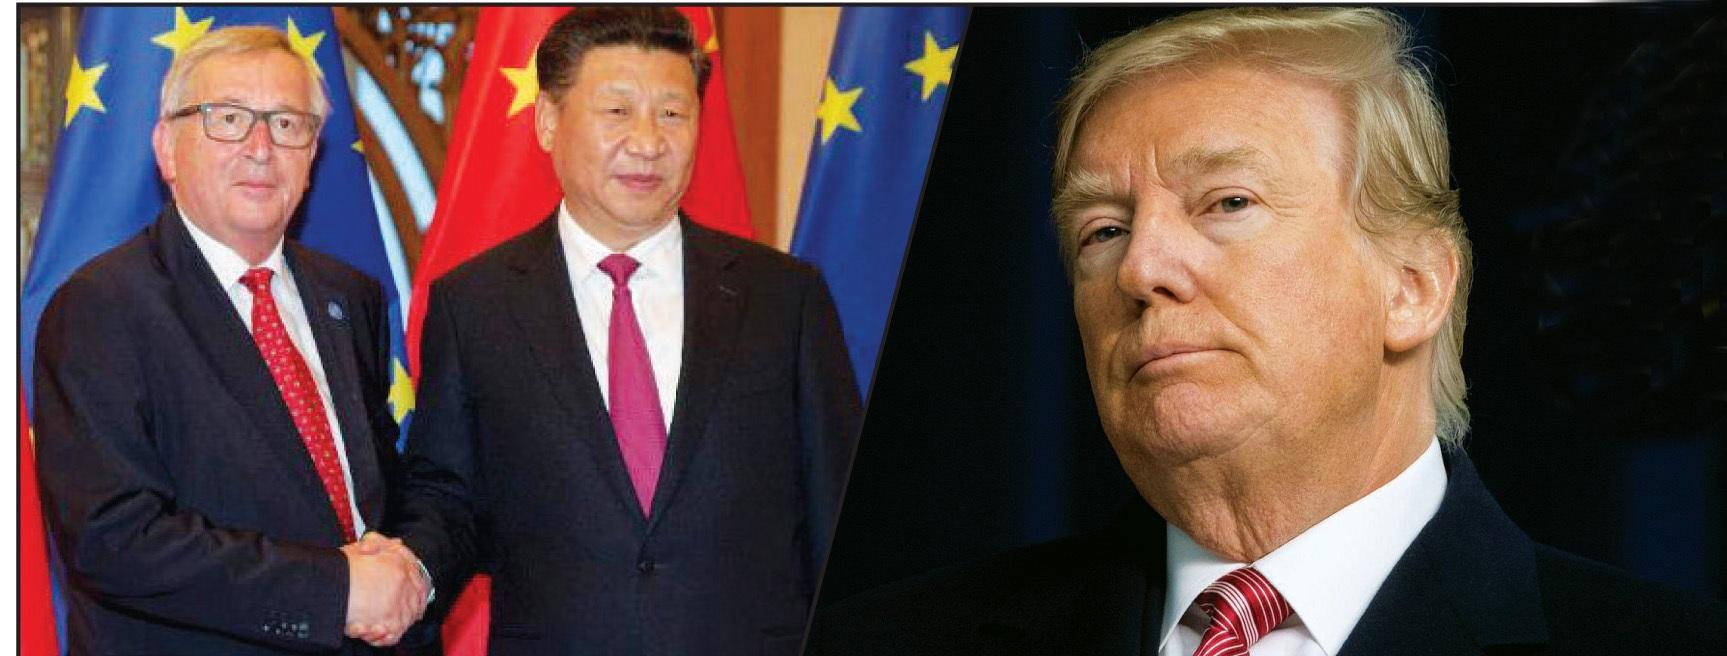 चीन और यूरोप